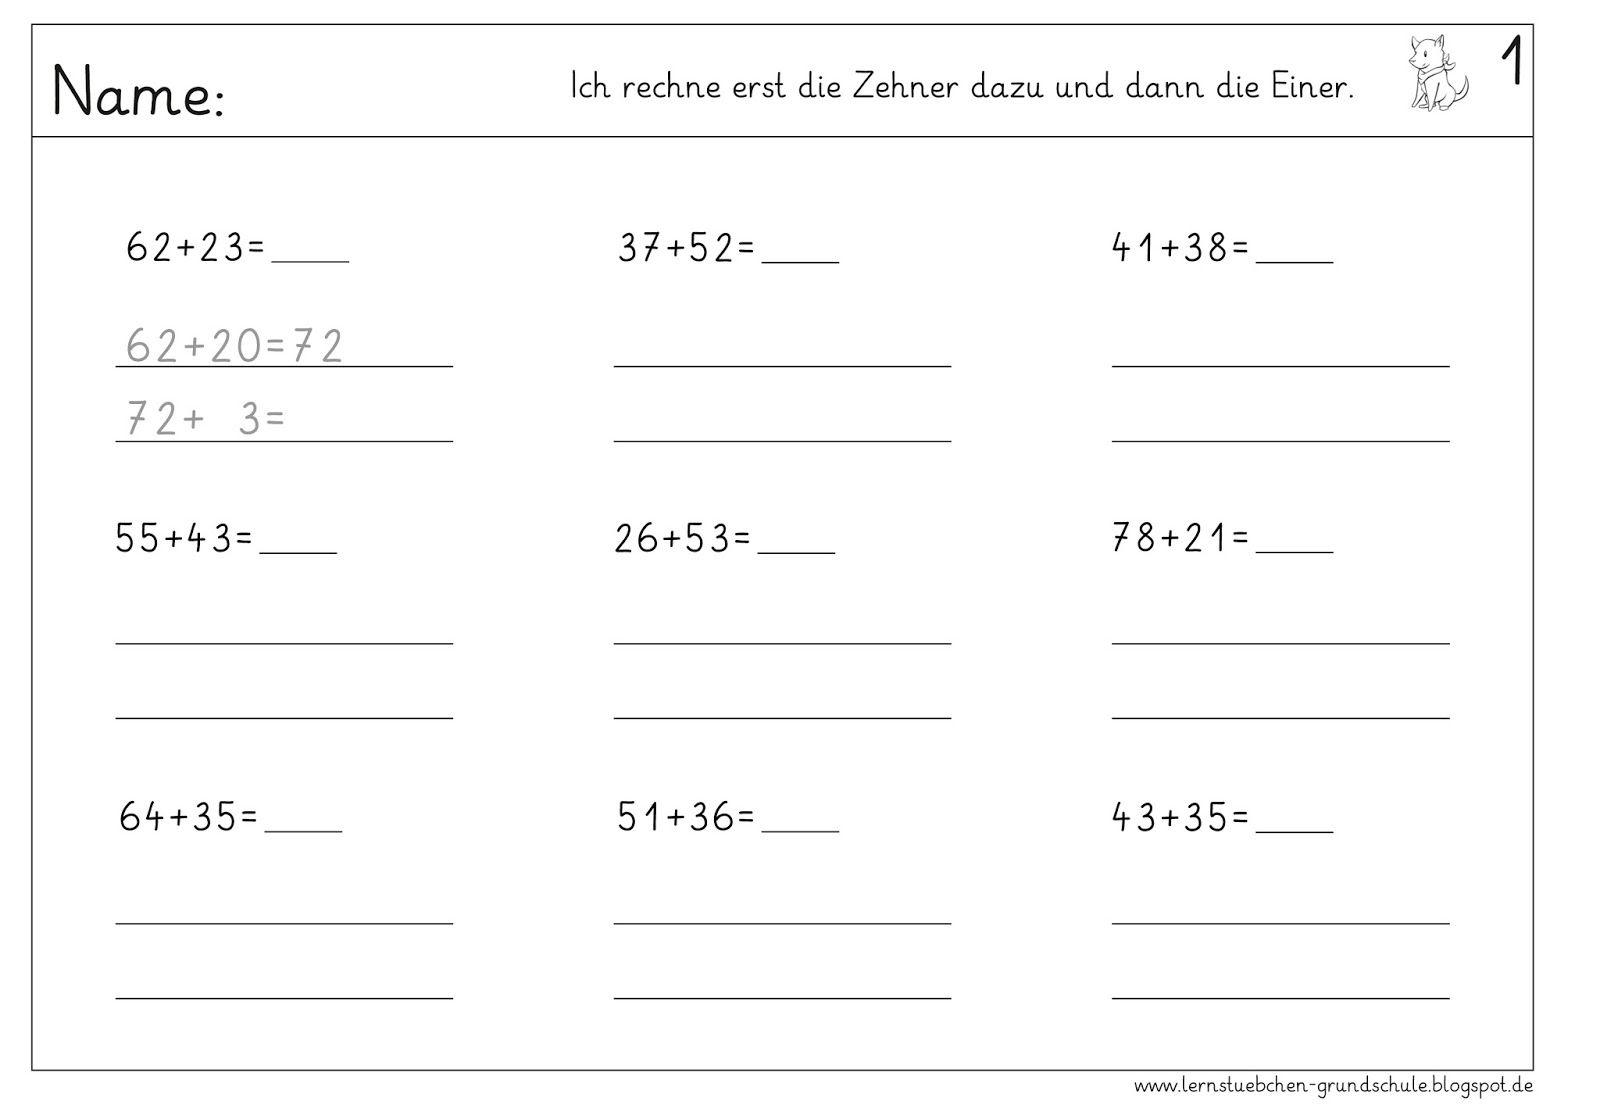 Lernstübchen: Addieren mit zweistelligen Zahlen ohne Ü | Schule ...